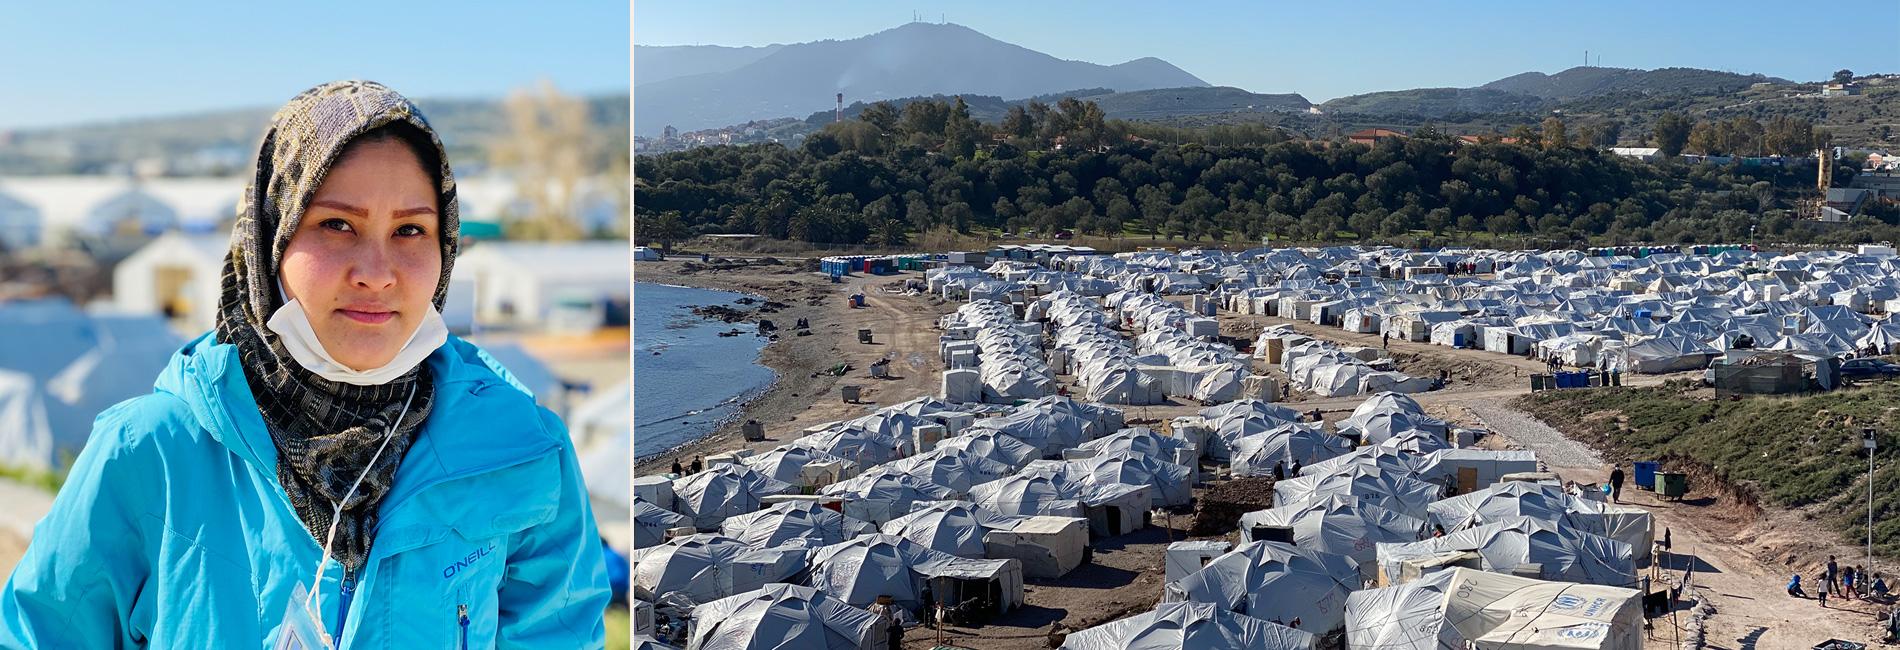 Geflüchtete in Kara Tepe und Blick auf Flüchtlingslager